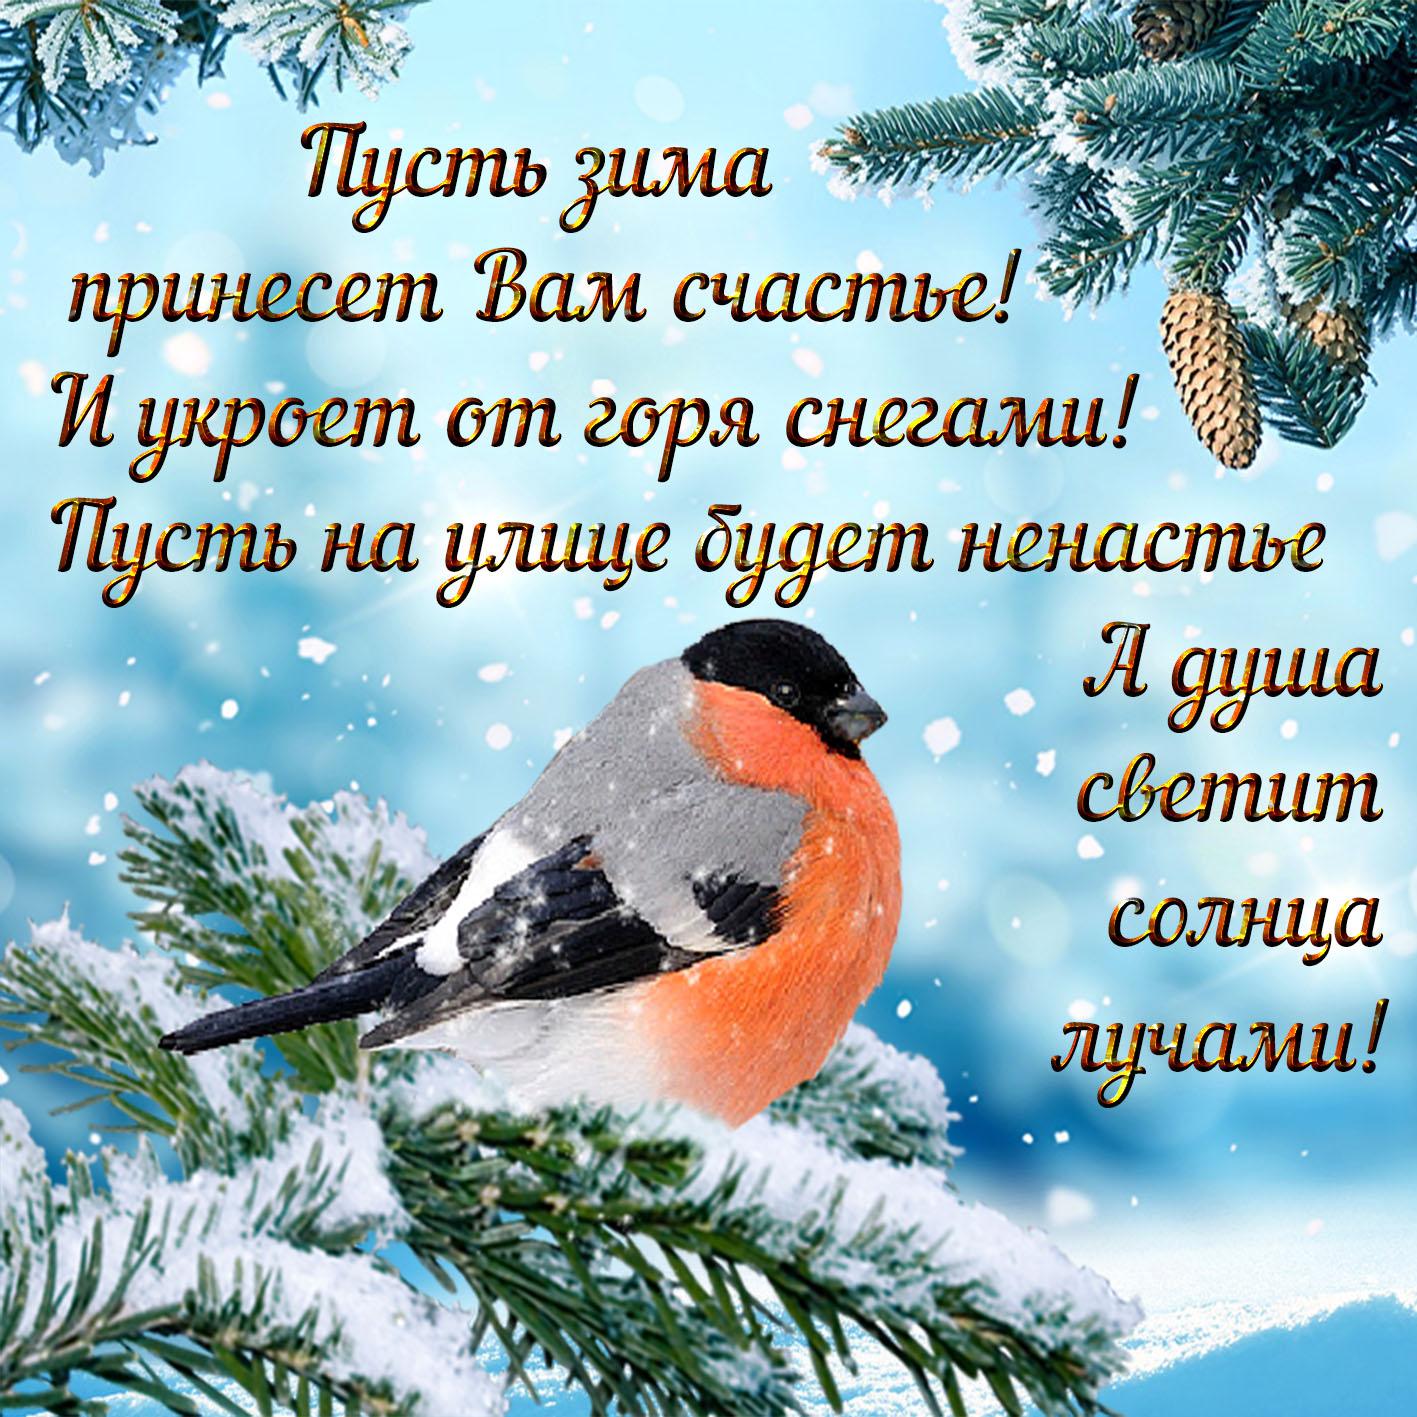 Открытка зимняя красивая с пожеланиями, надписью